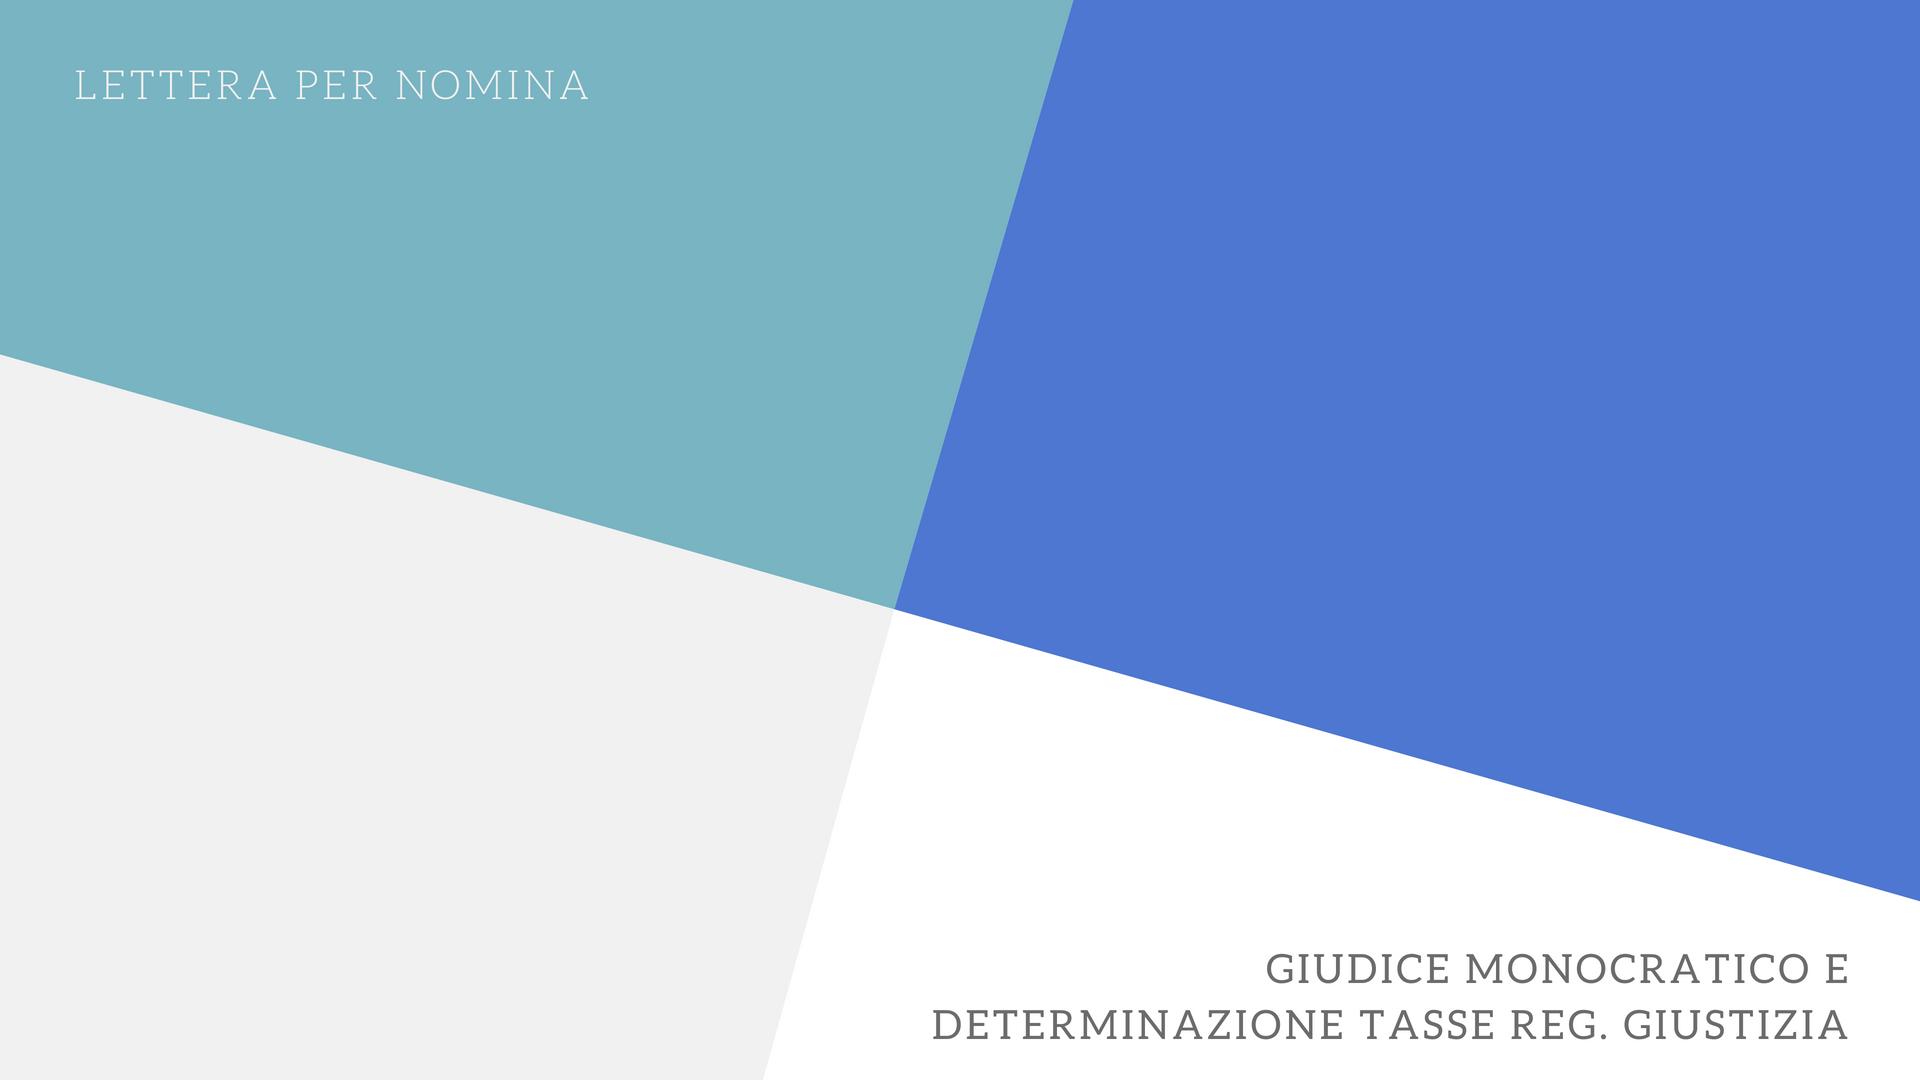 FITDS | Lettera per Nomina Giudice Monocratico e Determinazione Tasse Reg. Giustizia